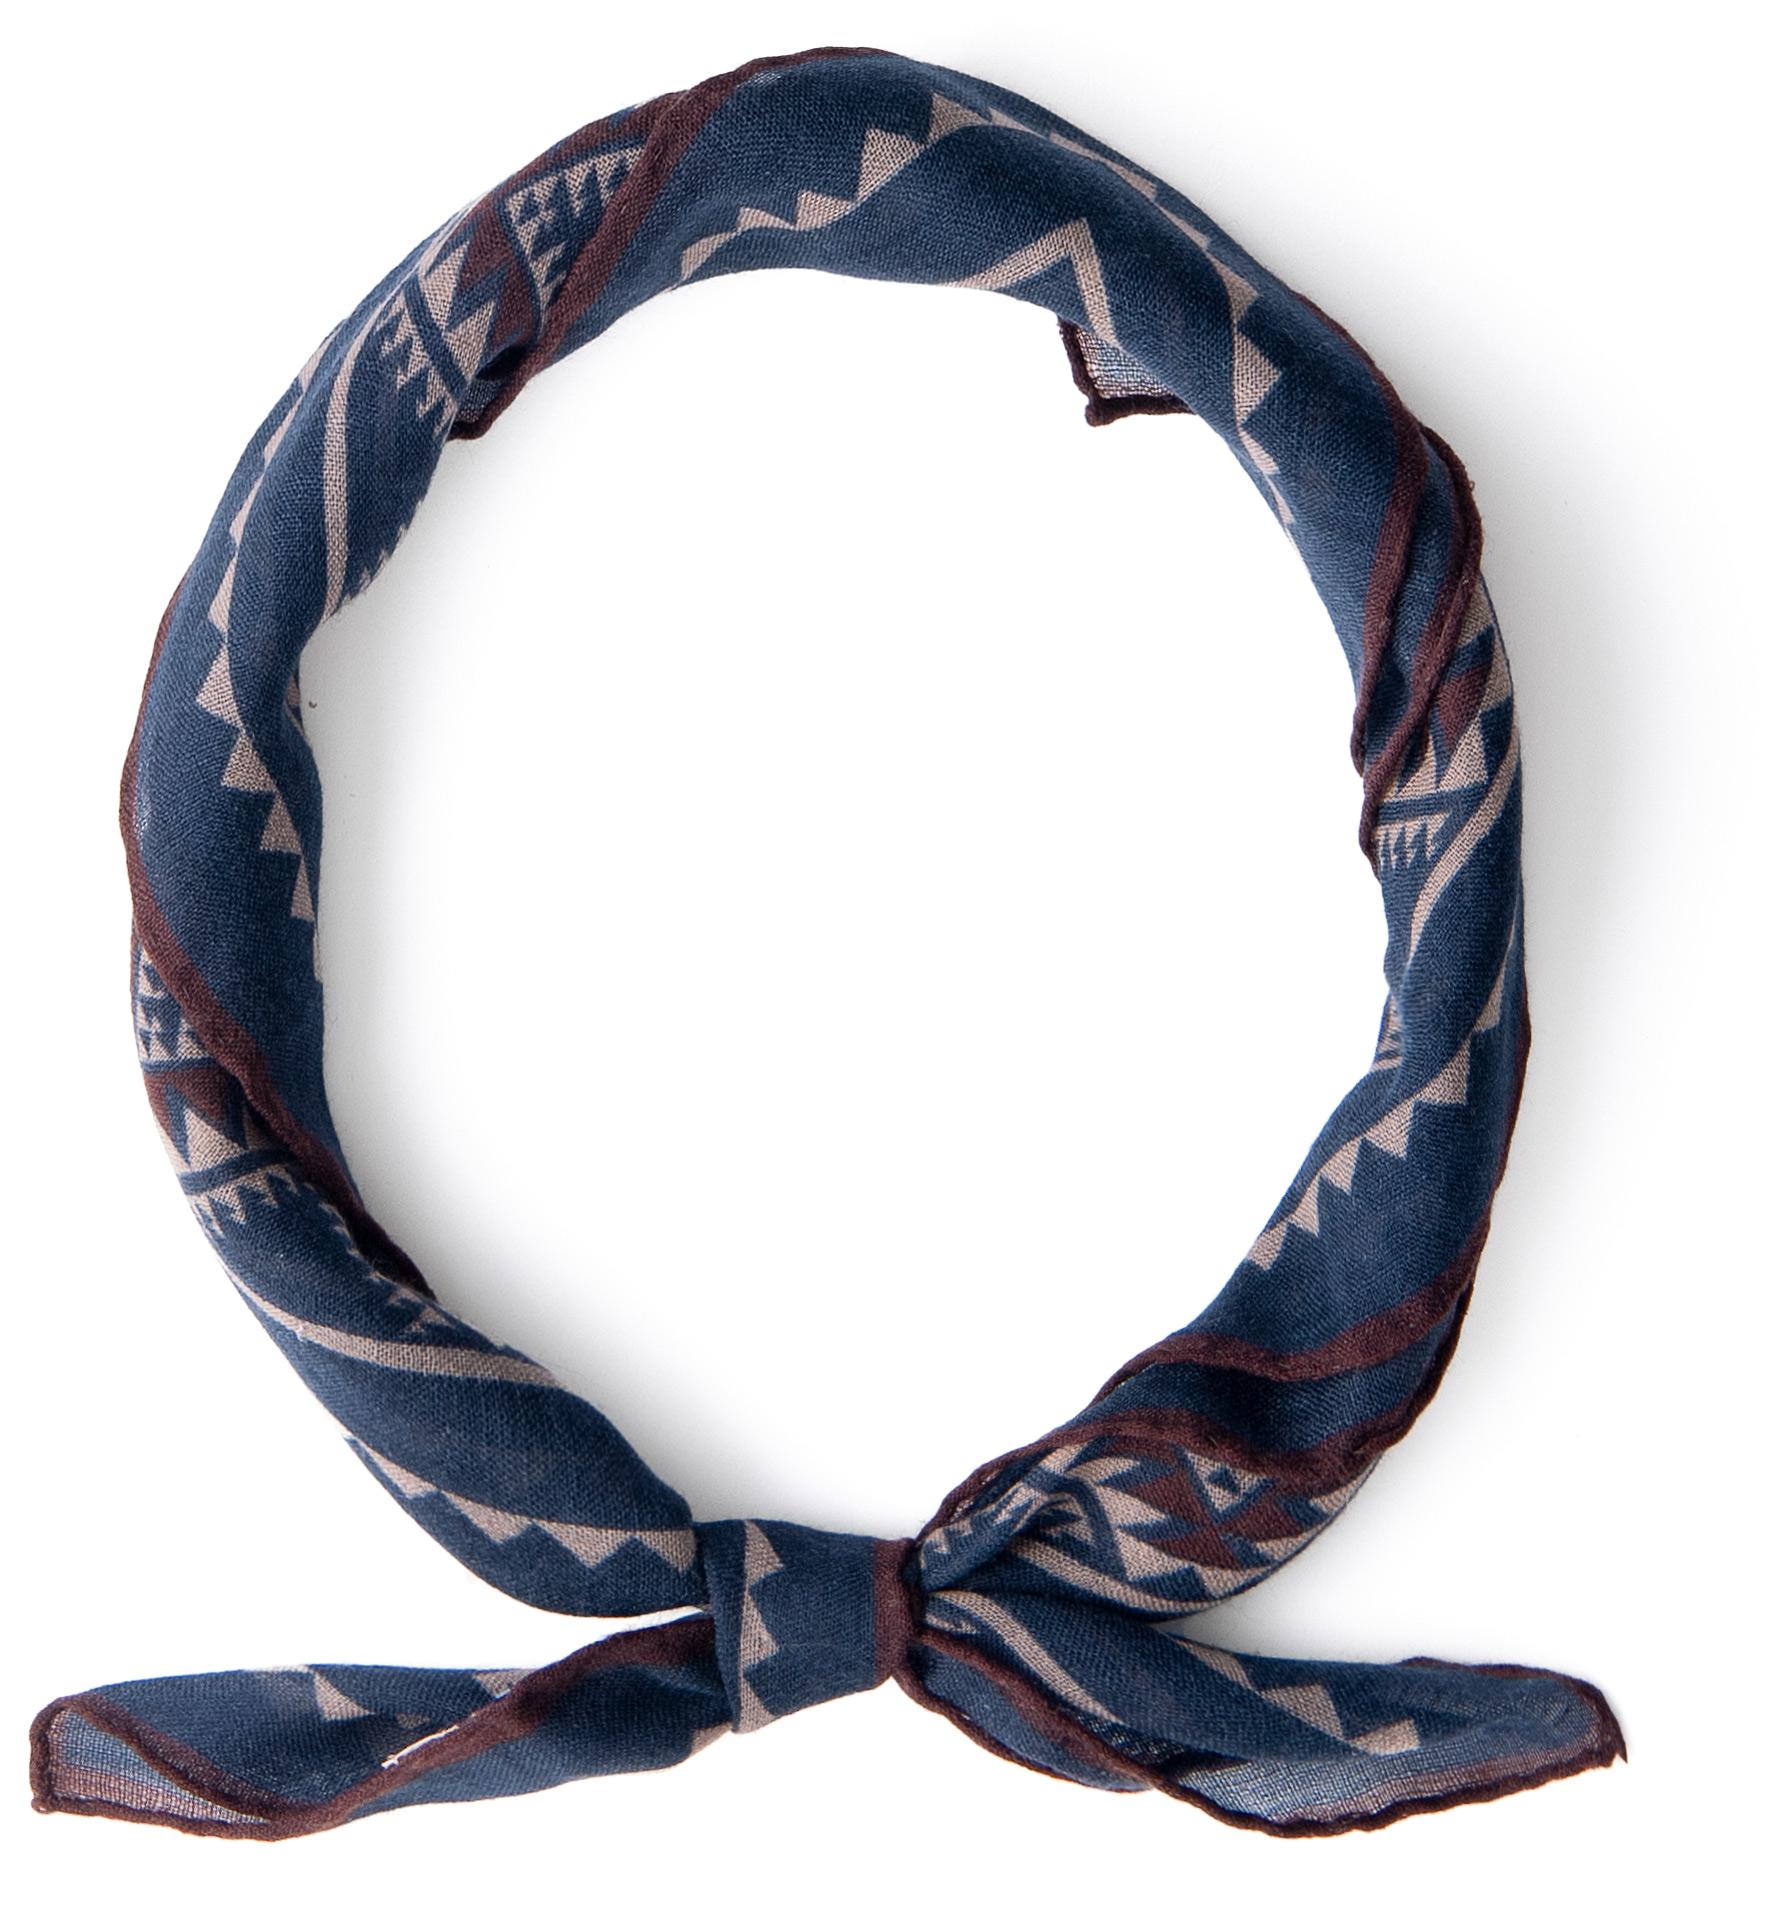 Zoom Image of Navy Southwest Wool Bandana